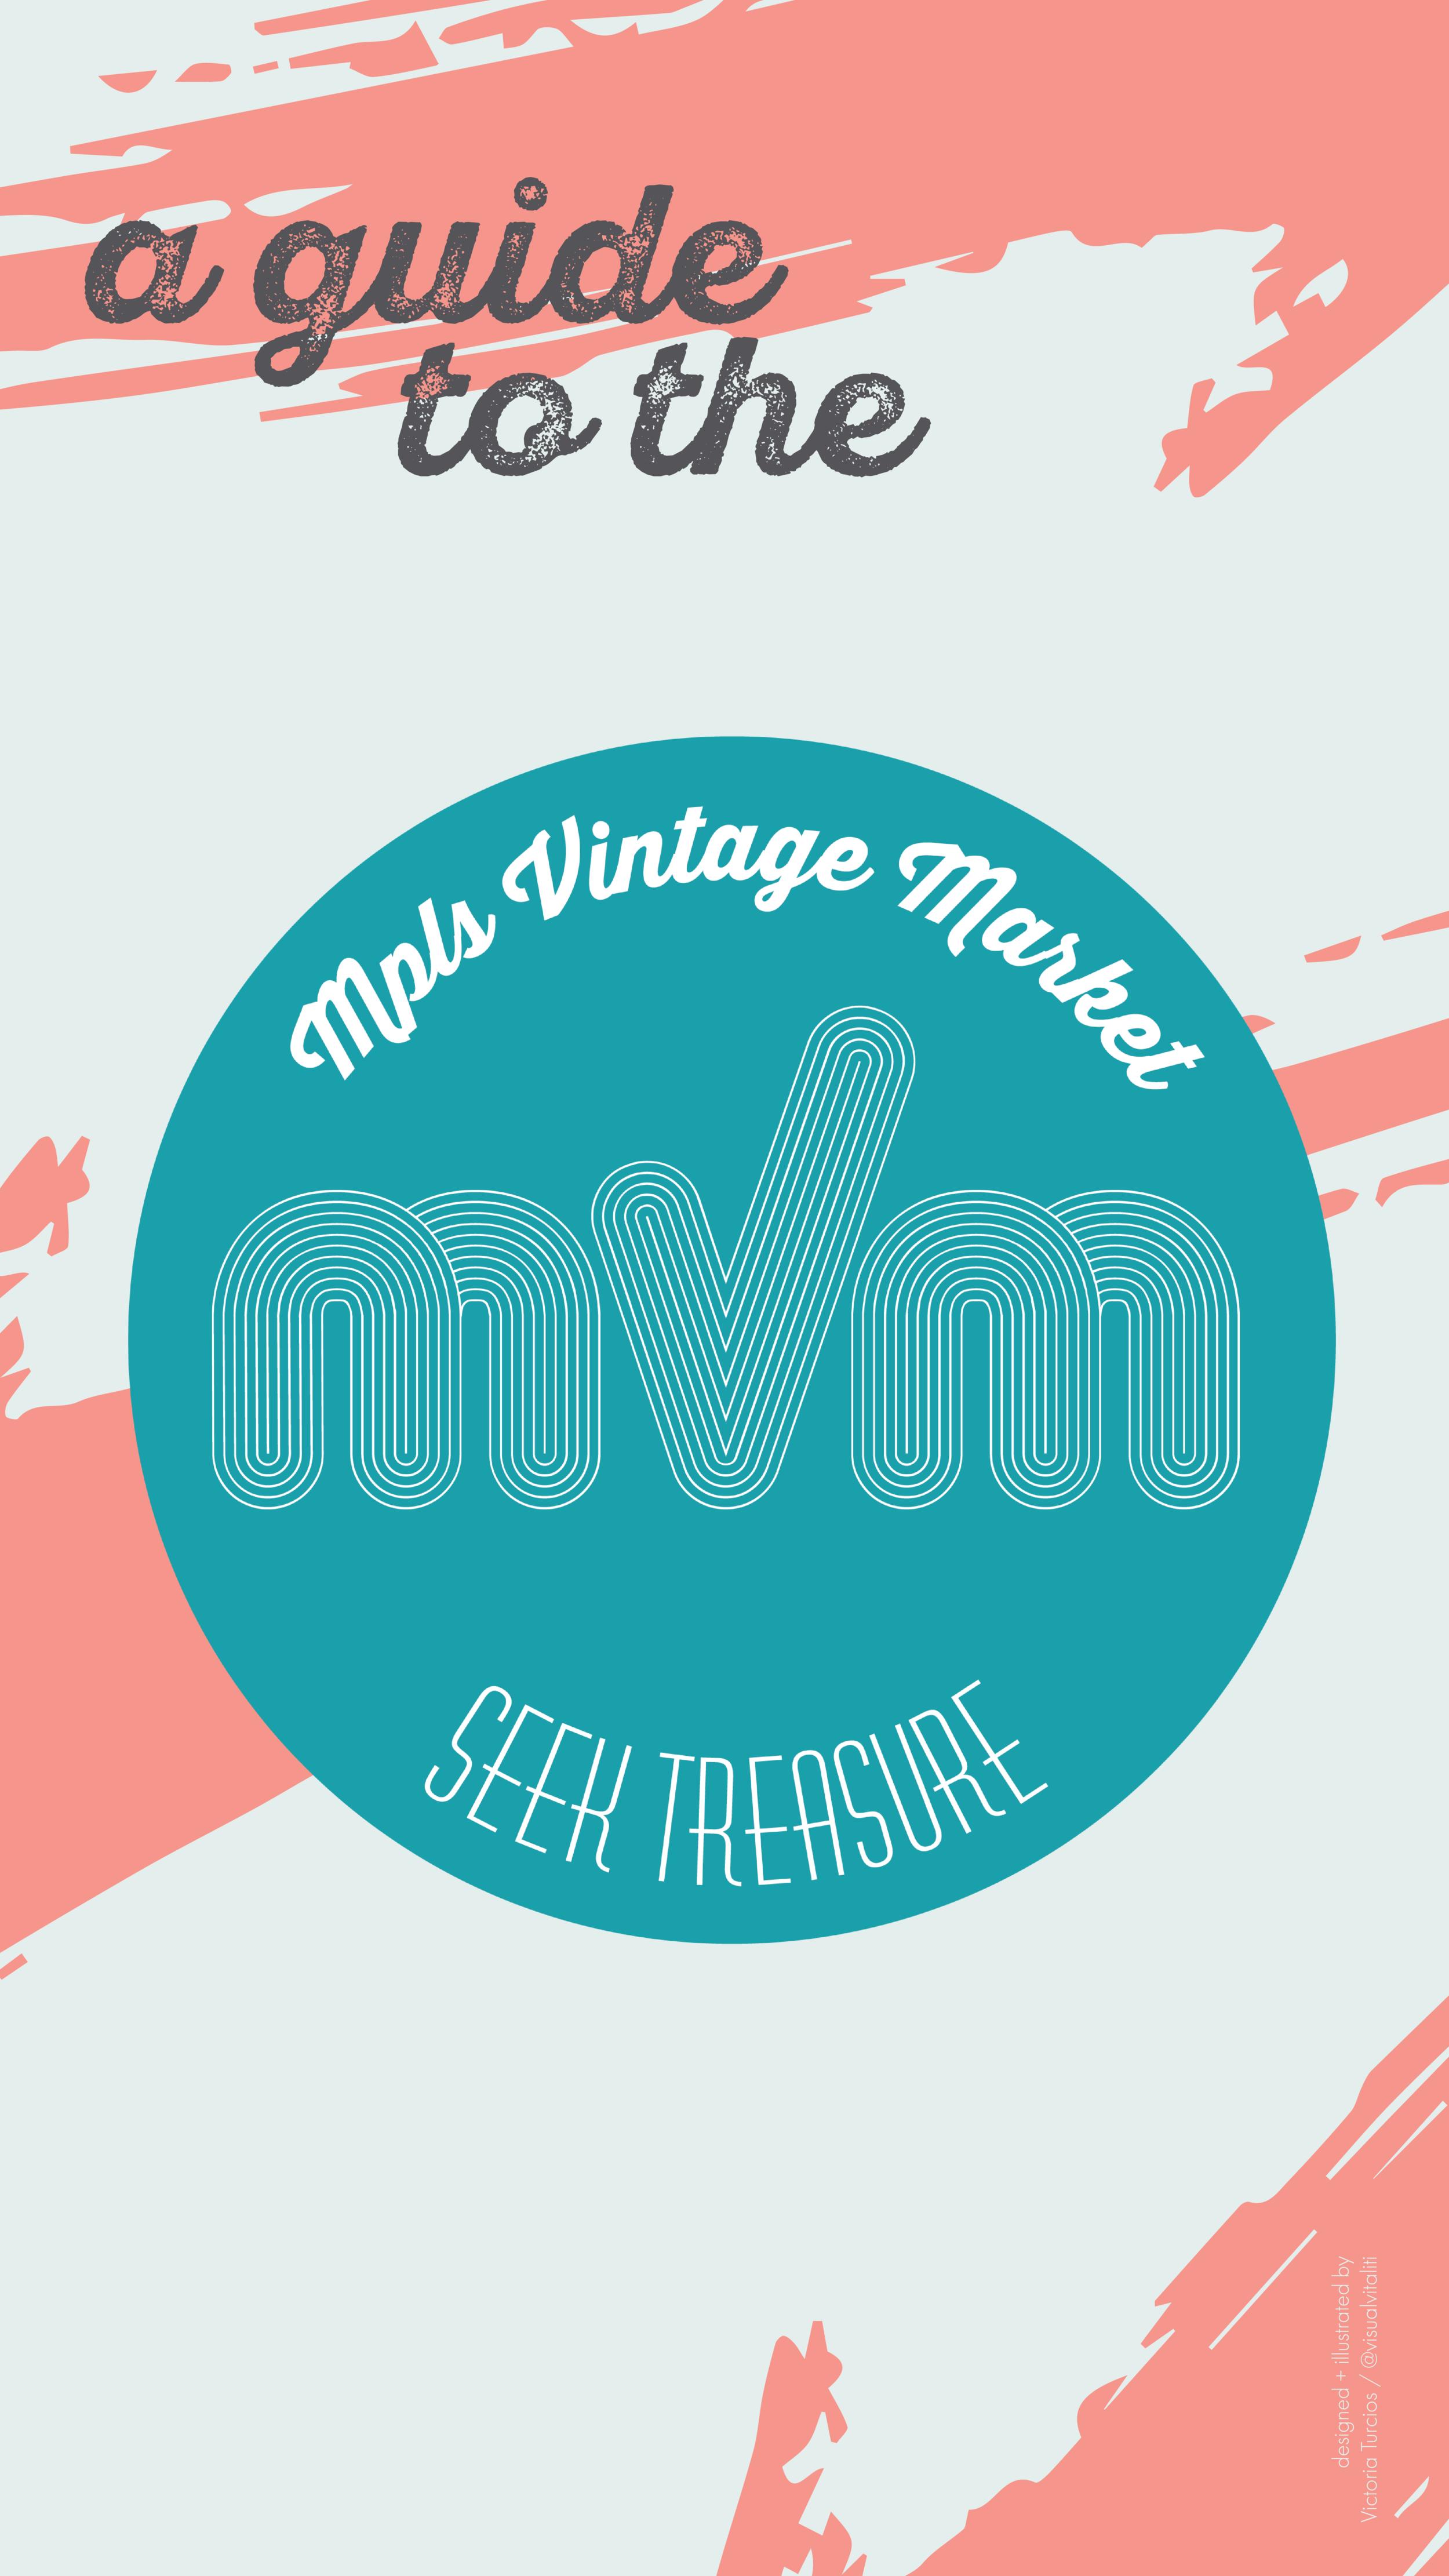 mpls_vintage_market_guide-01.png